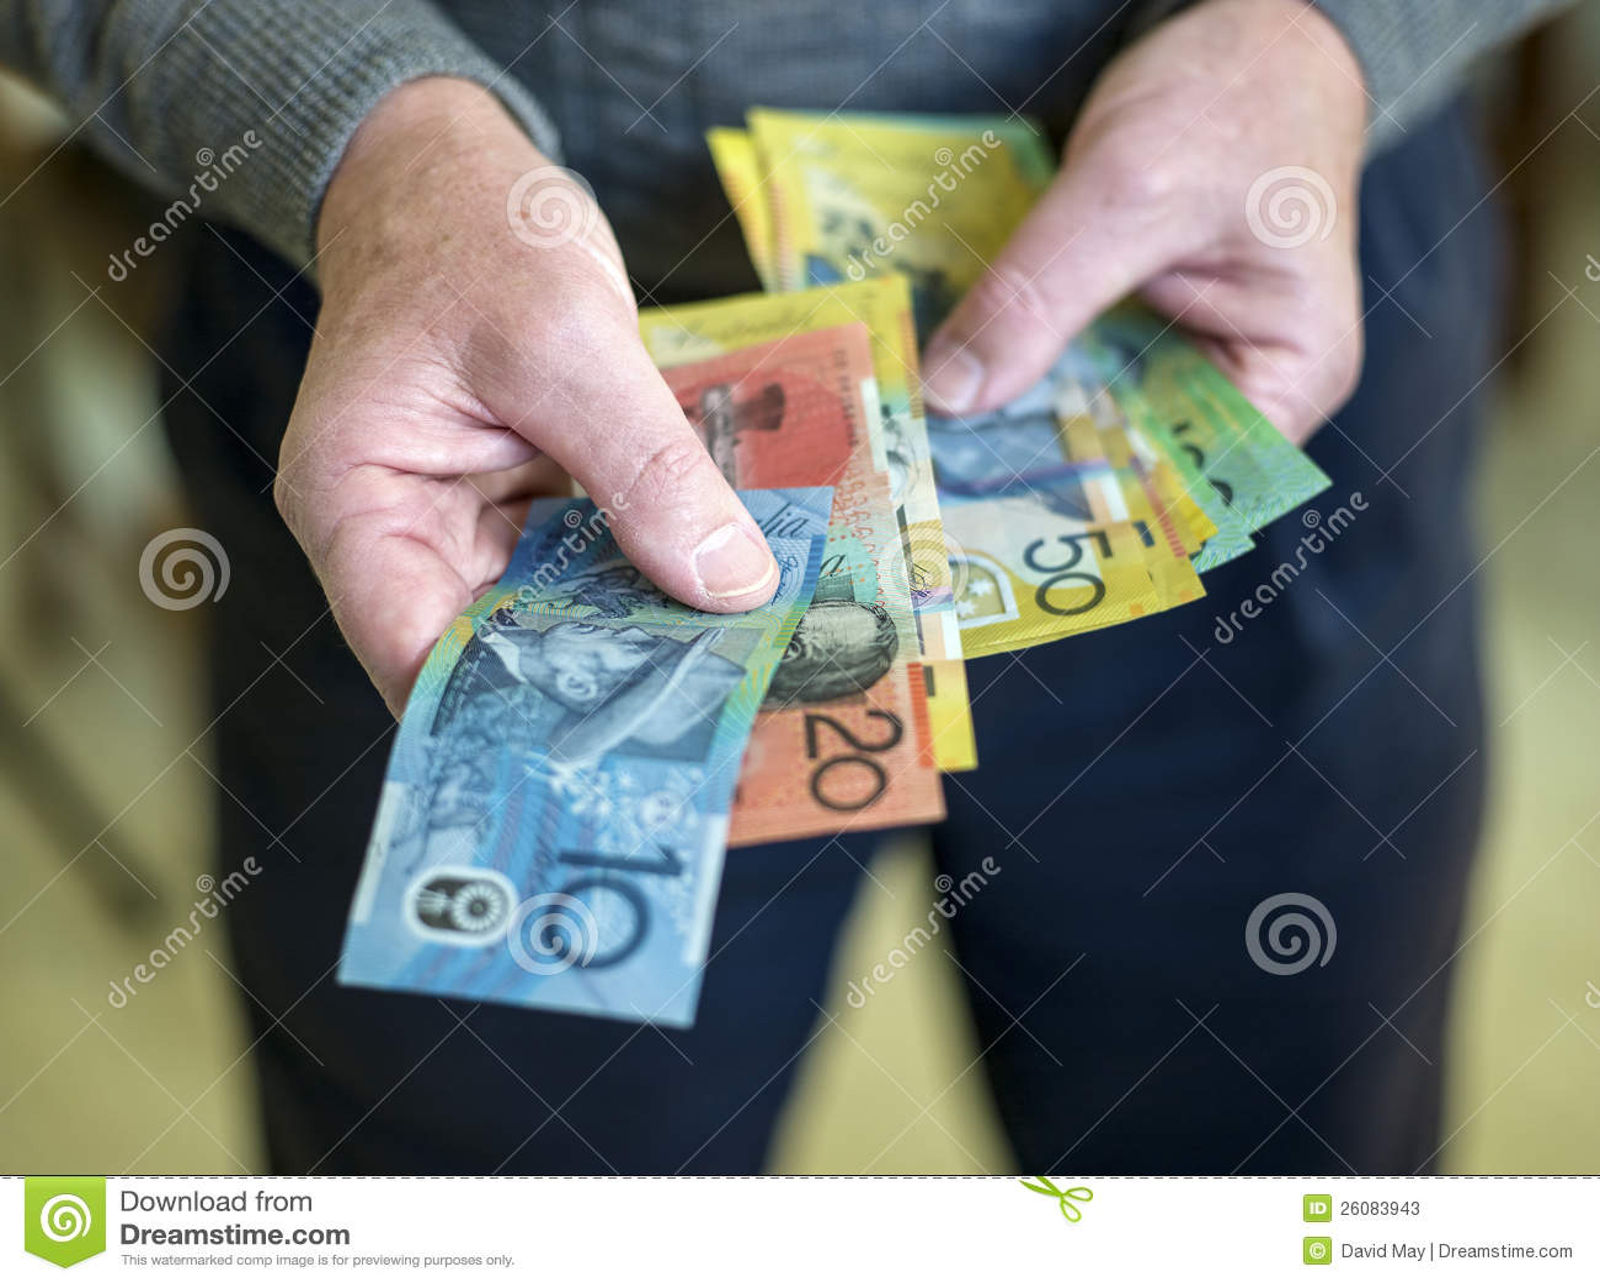 Handing over the money